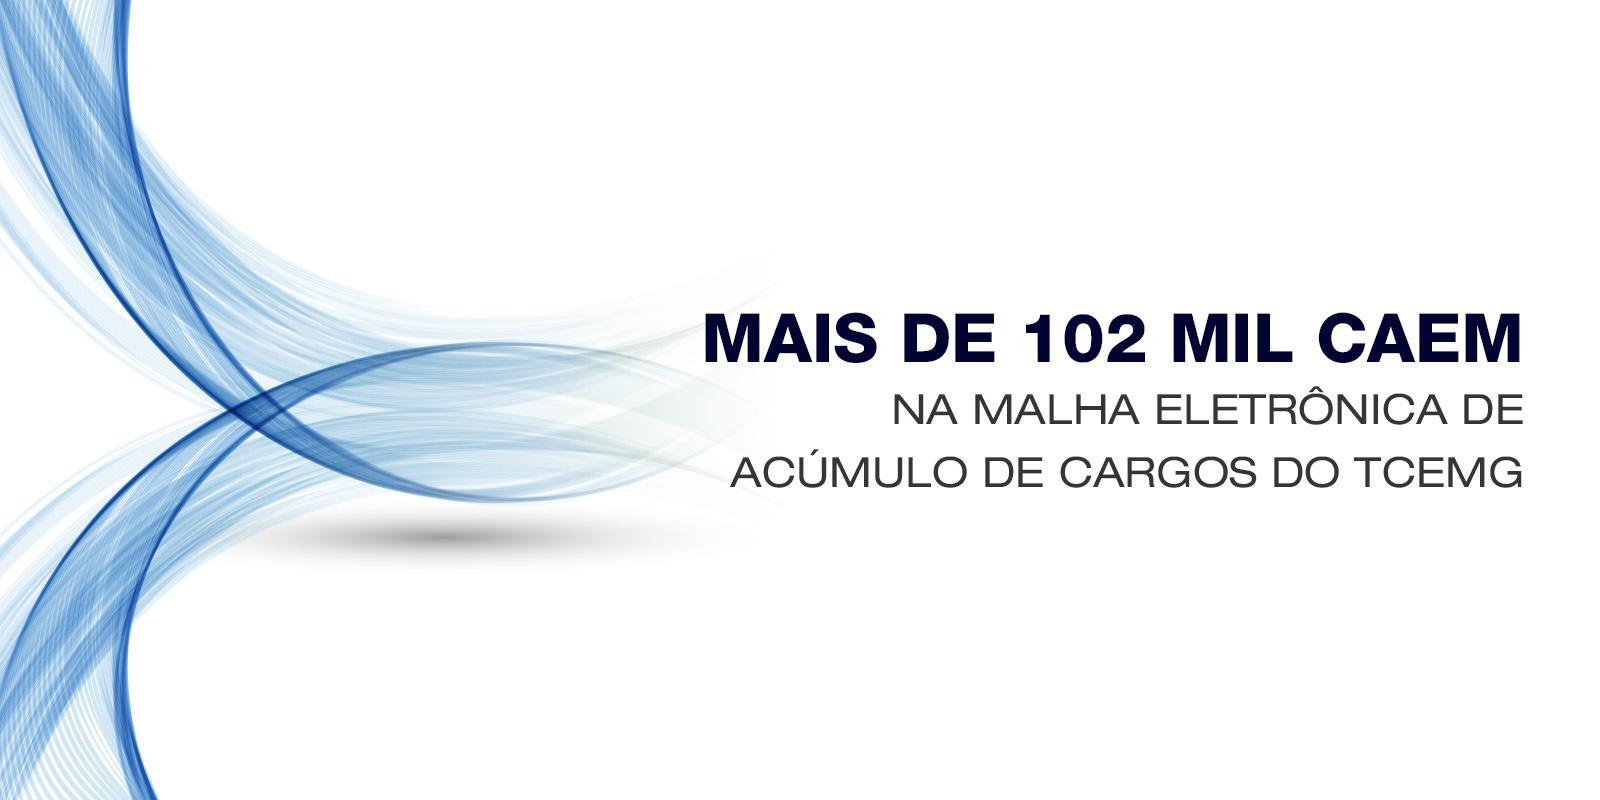 Mais de 102 mil caem na malha eletrônica de acúmulo de cargos do TCEMG